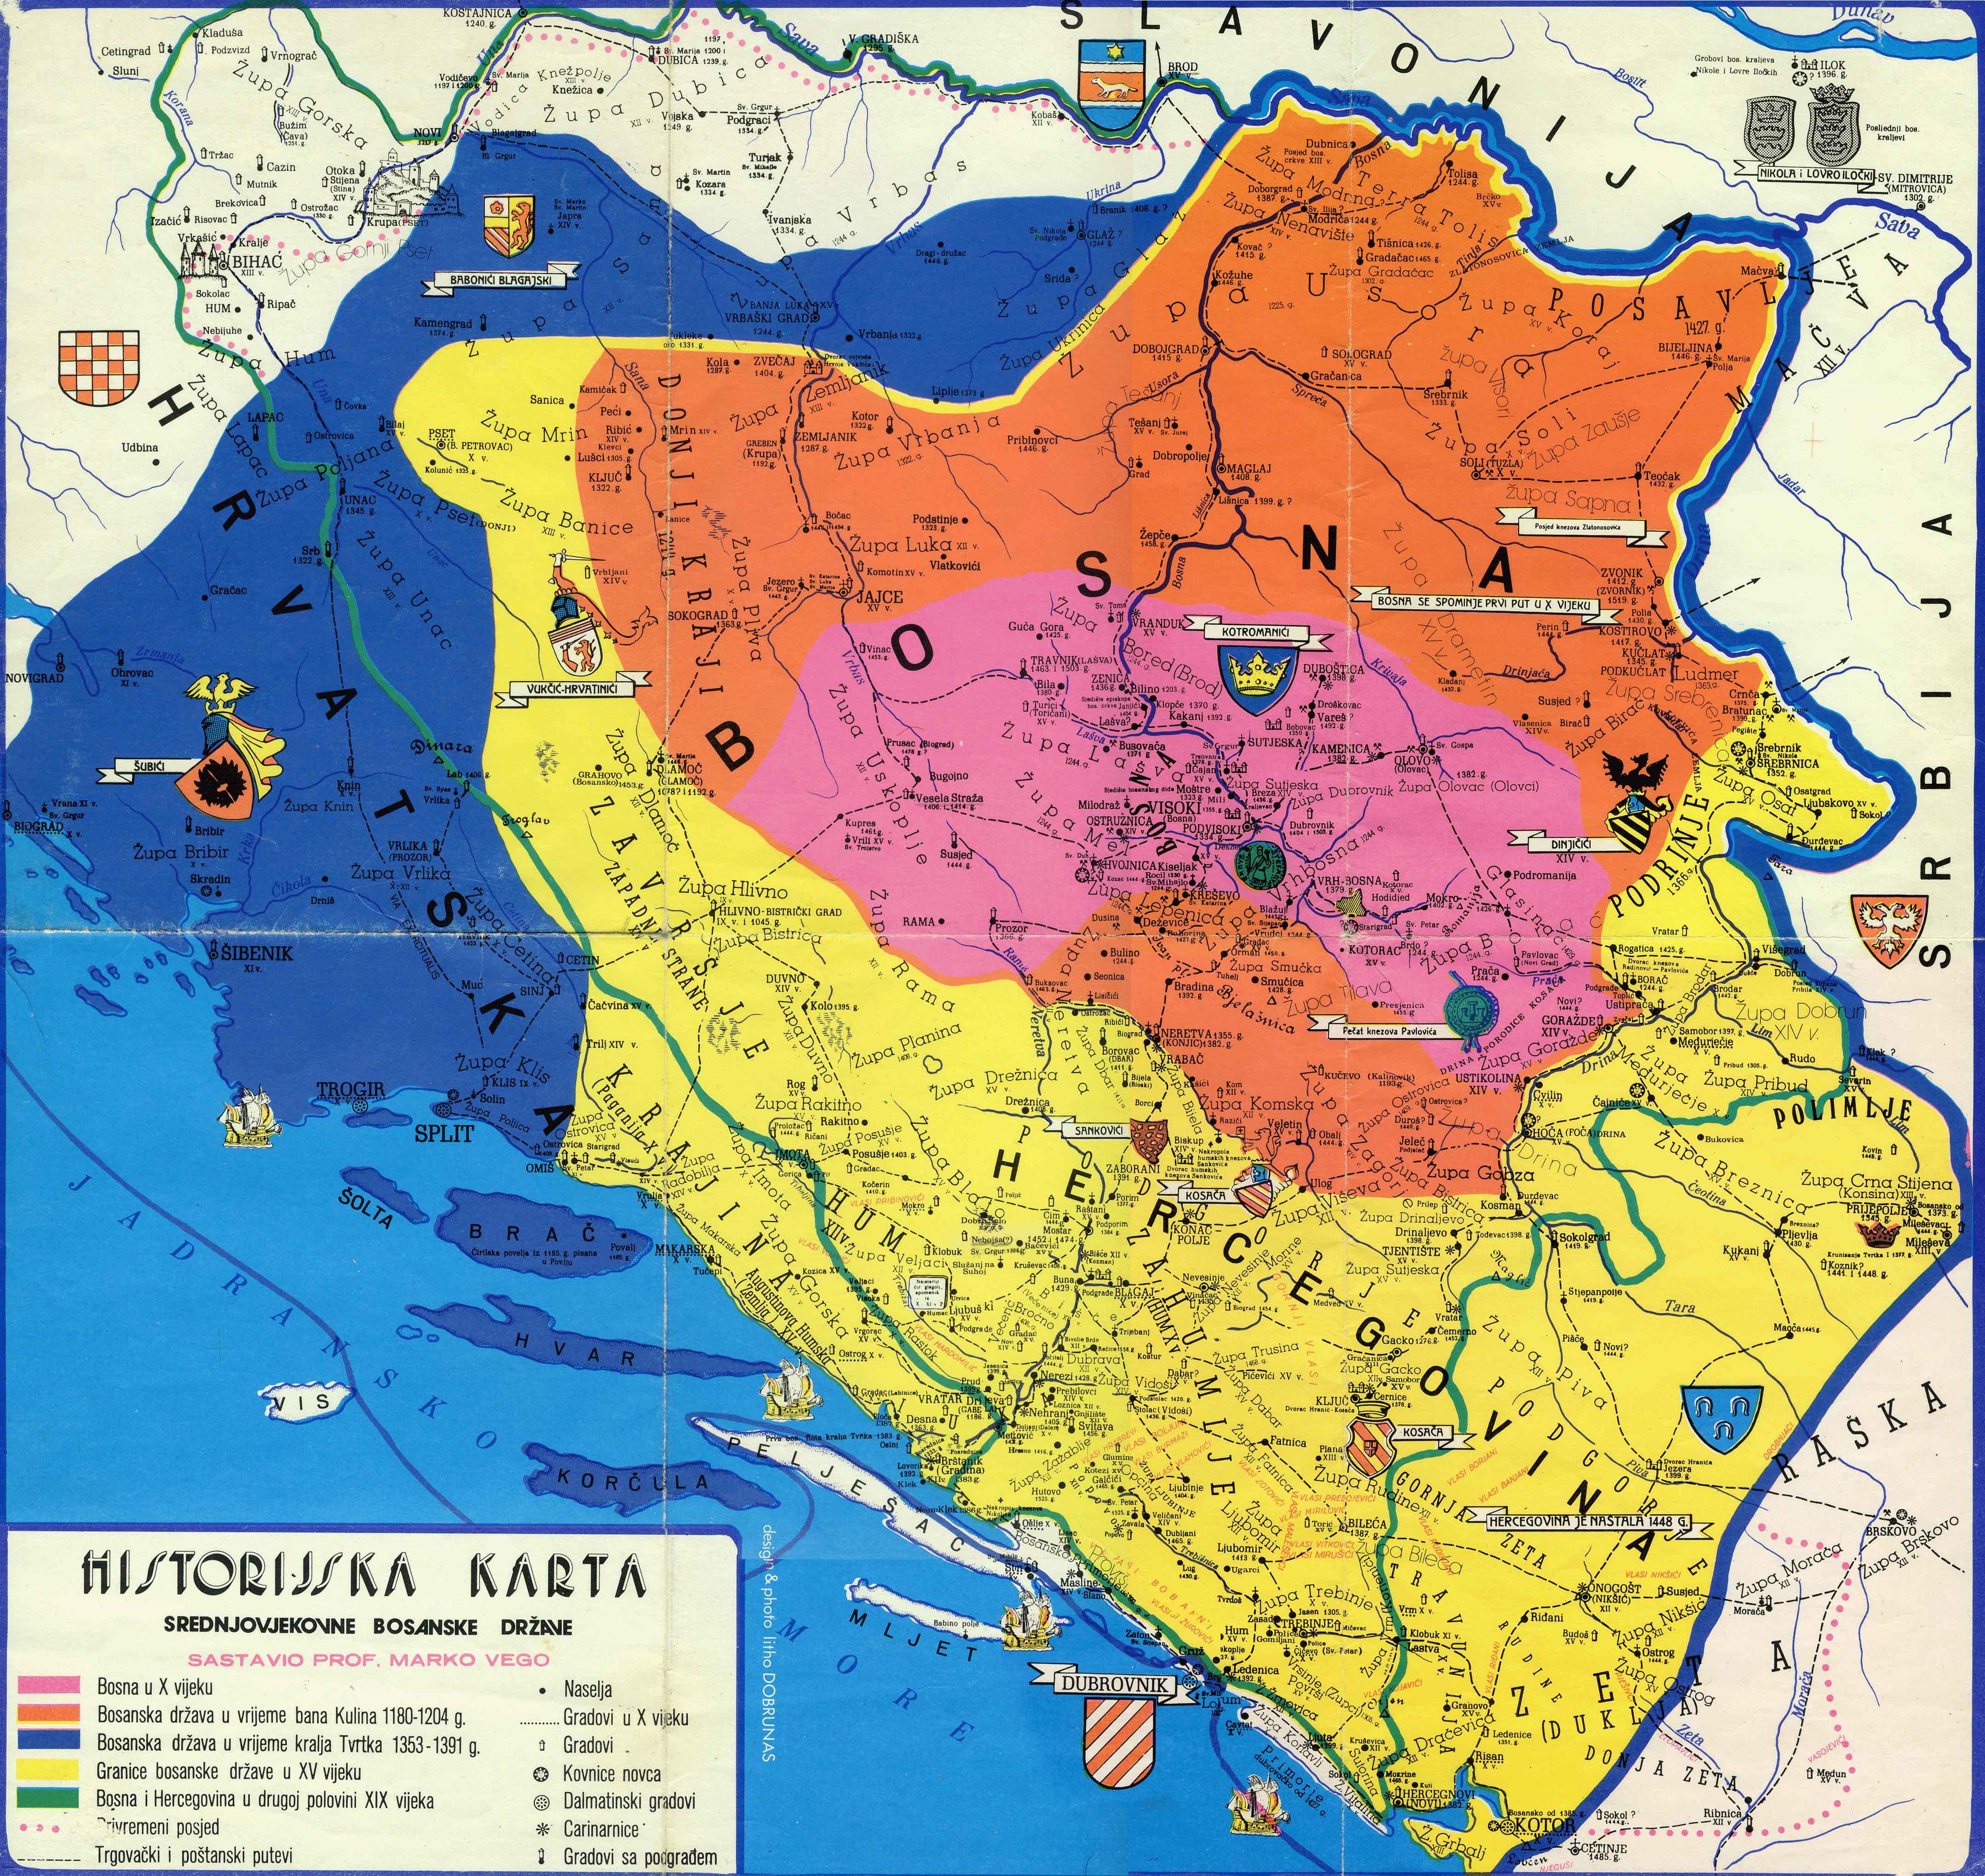 Auto Mapa Bih Auto Karta Bih i Hercegovina